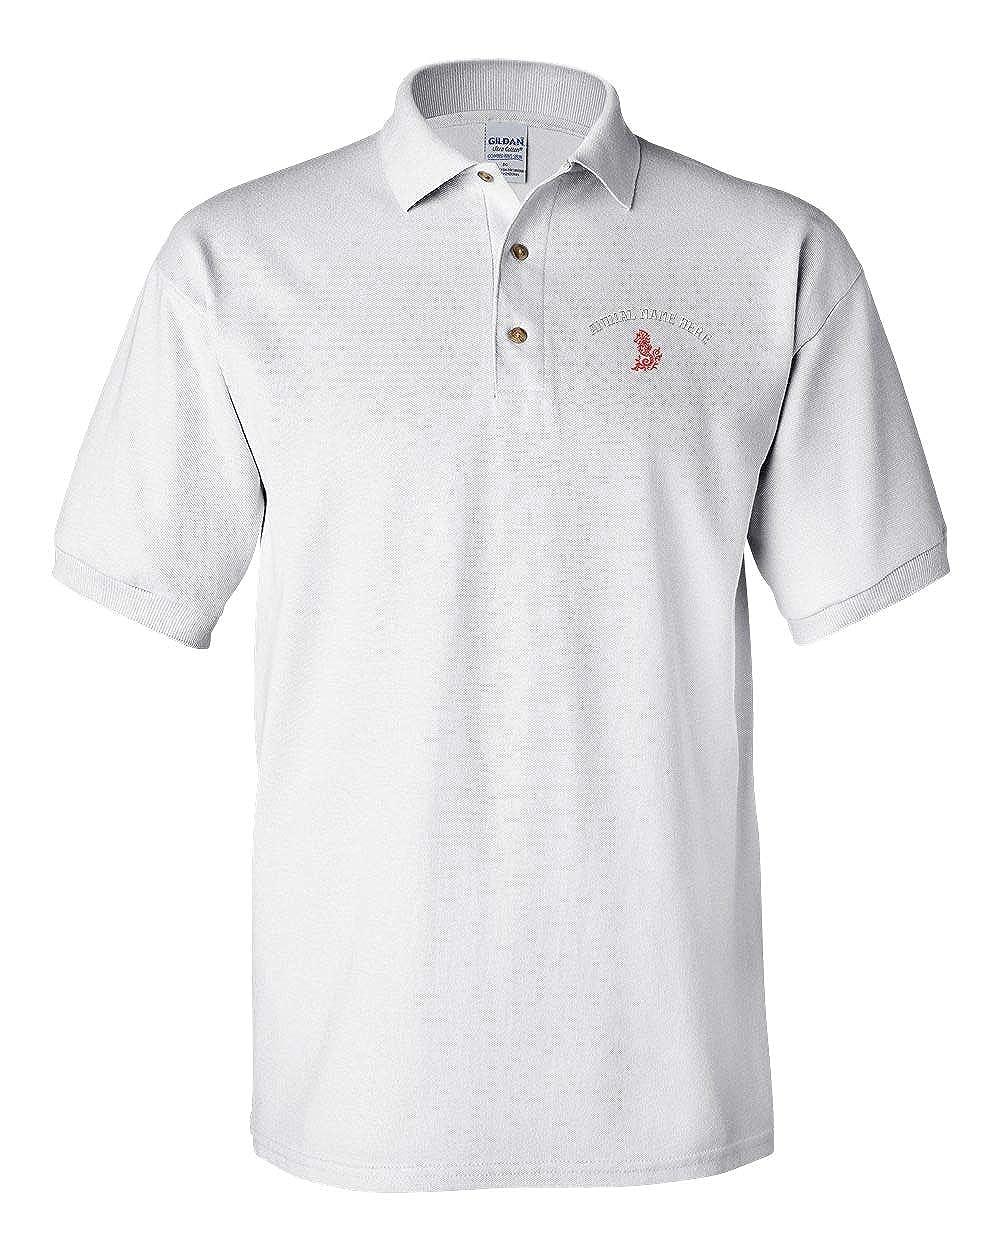 Amazon.com: Camisa de polo personalizable con diseño de ...